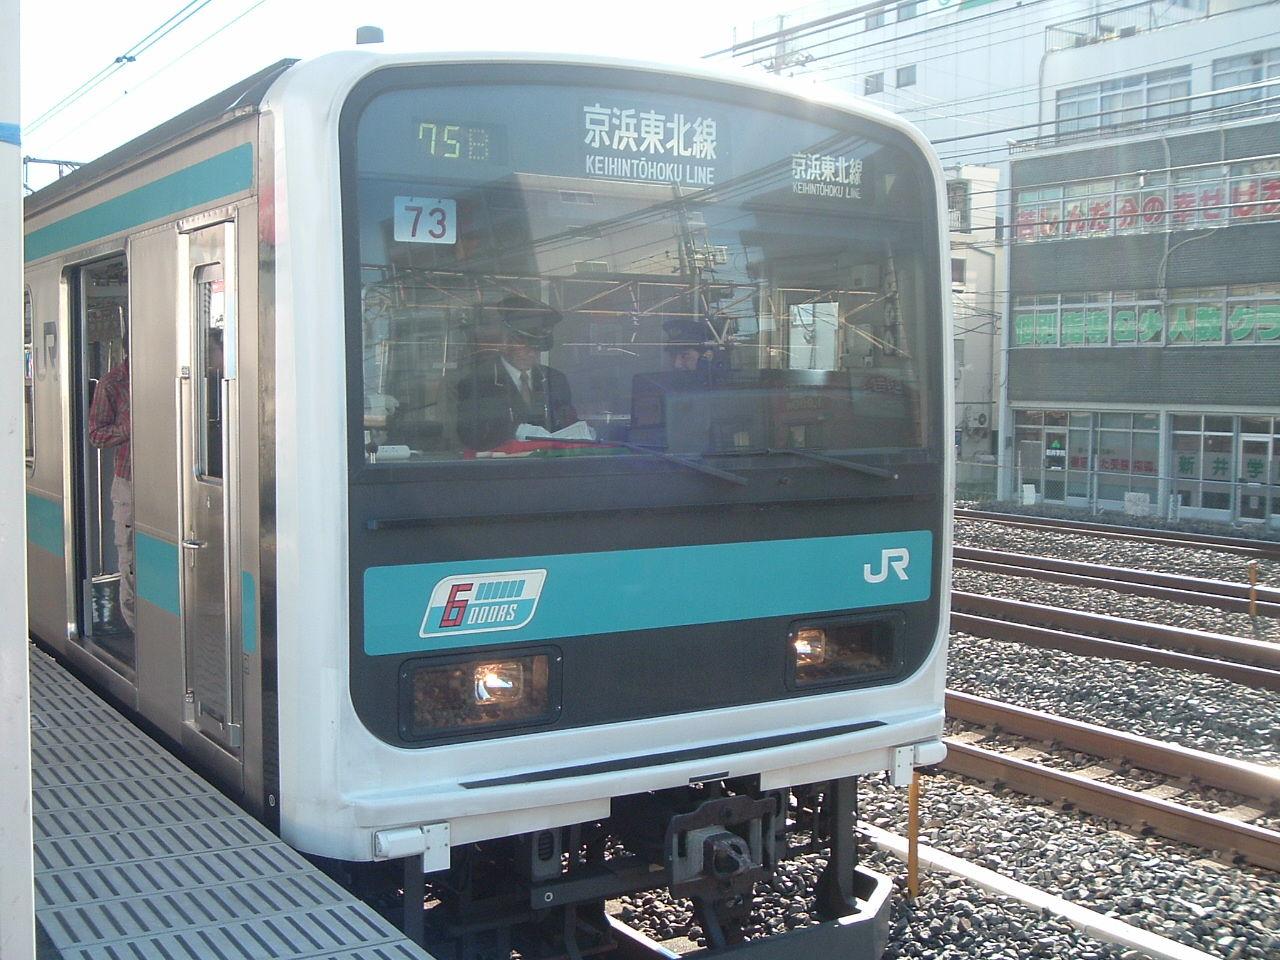 df4a477f.jpg